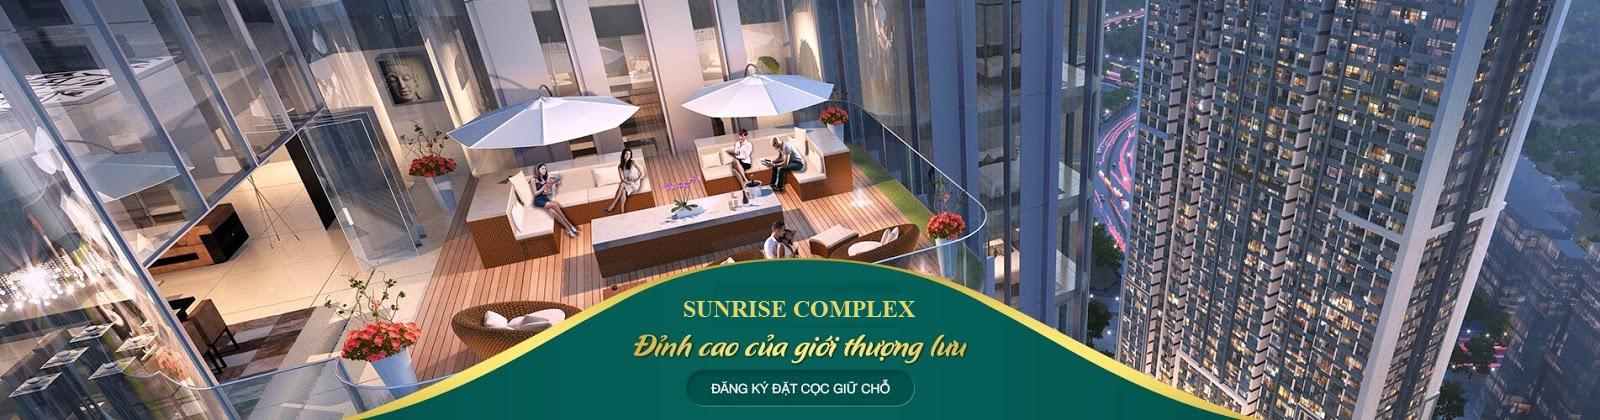 slider_bg_plane_Chung cư Sunrise Complex 105 Chu Văn An